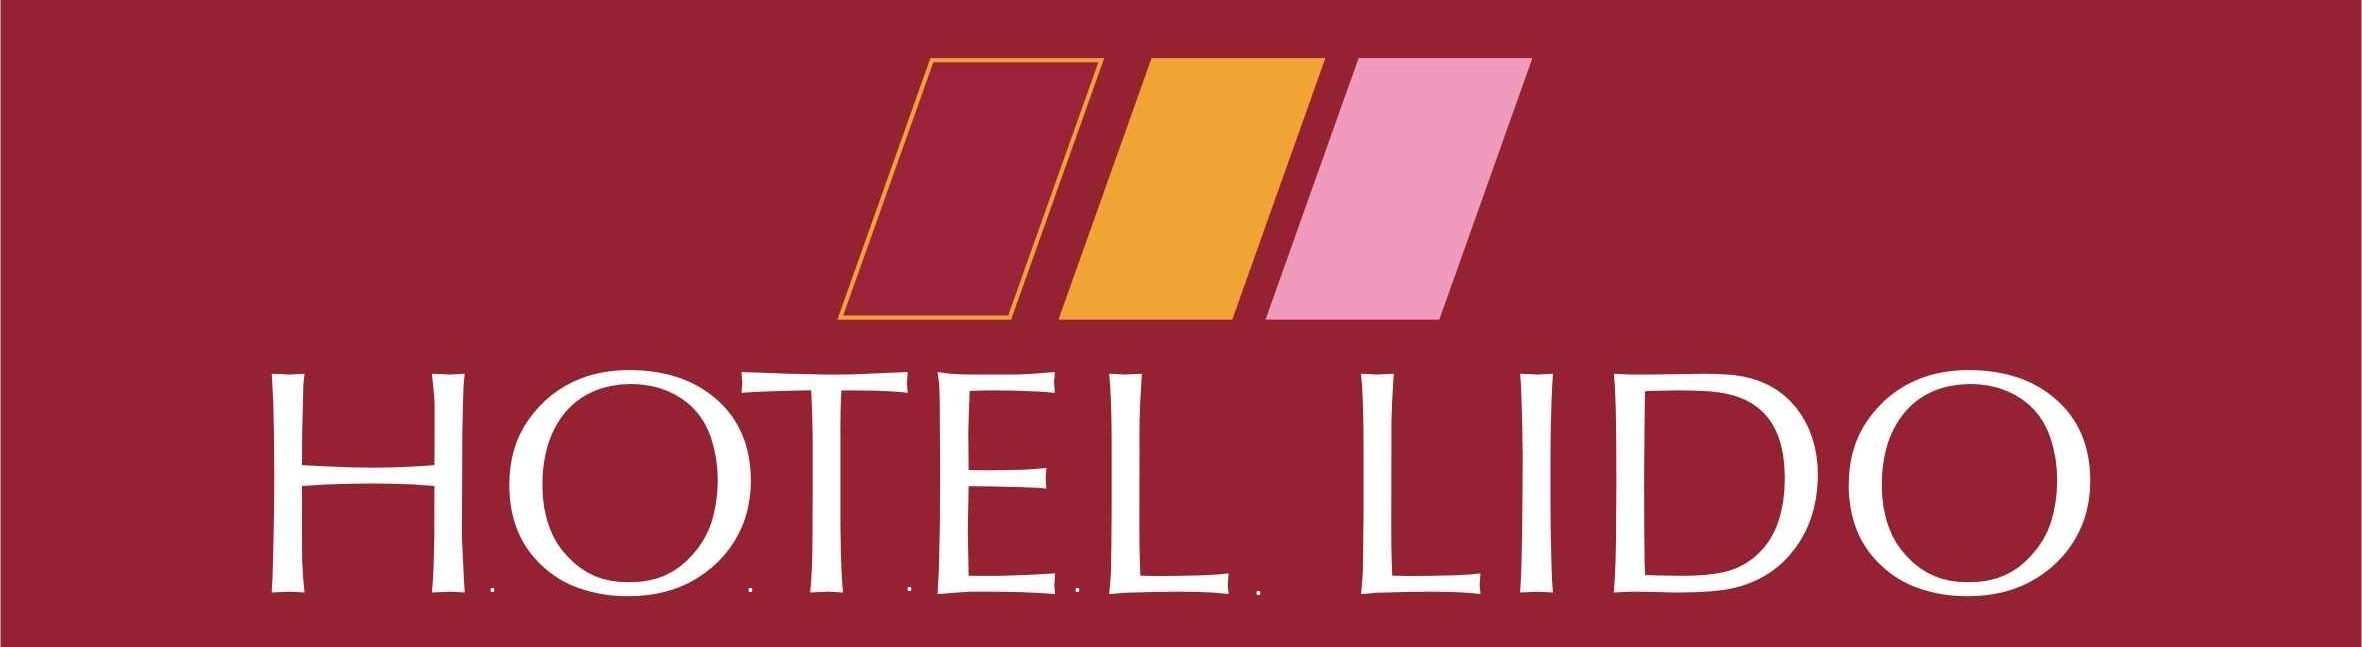 H.O.T.E.L.    LIDO